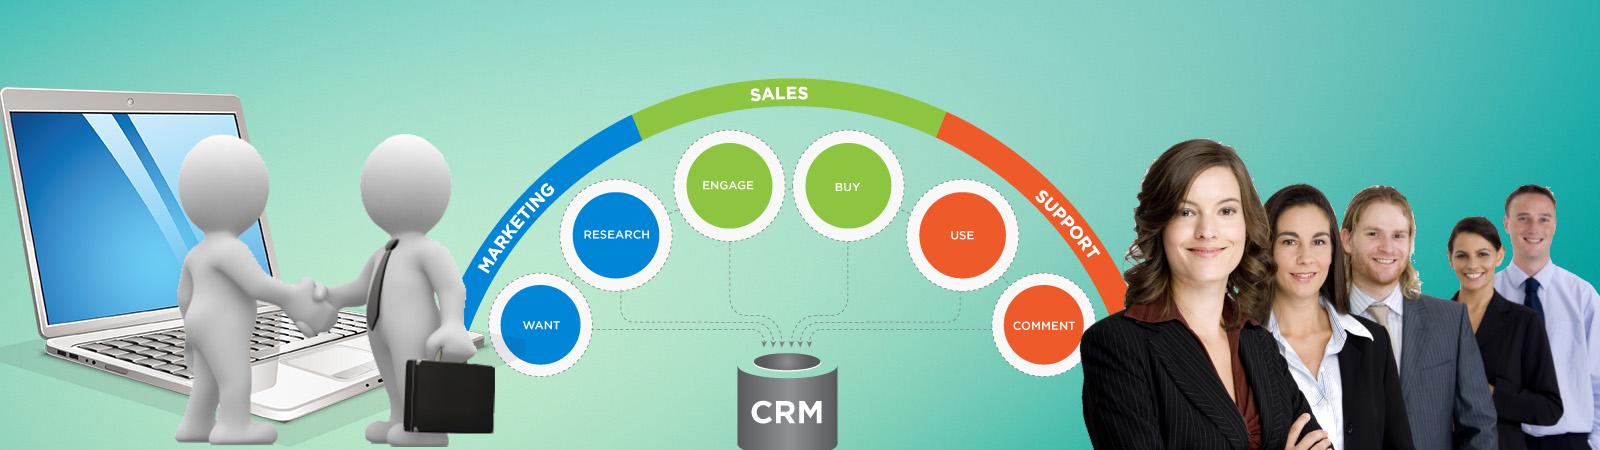 Software development company - Samarpan Infotech